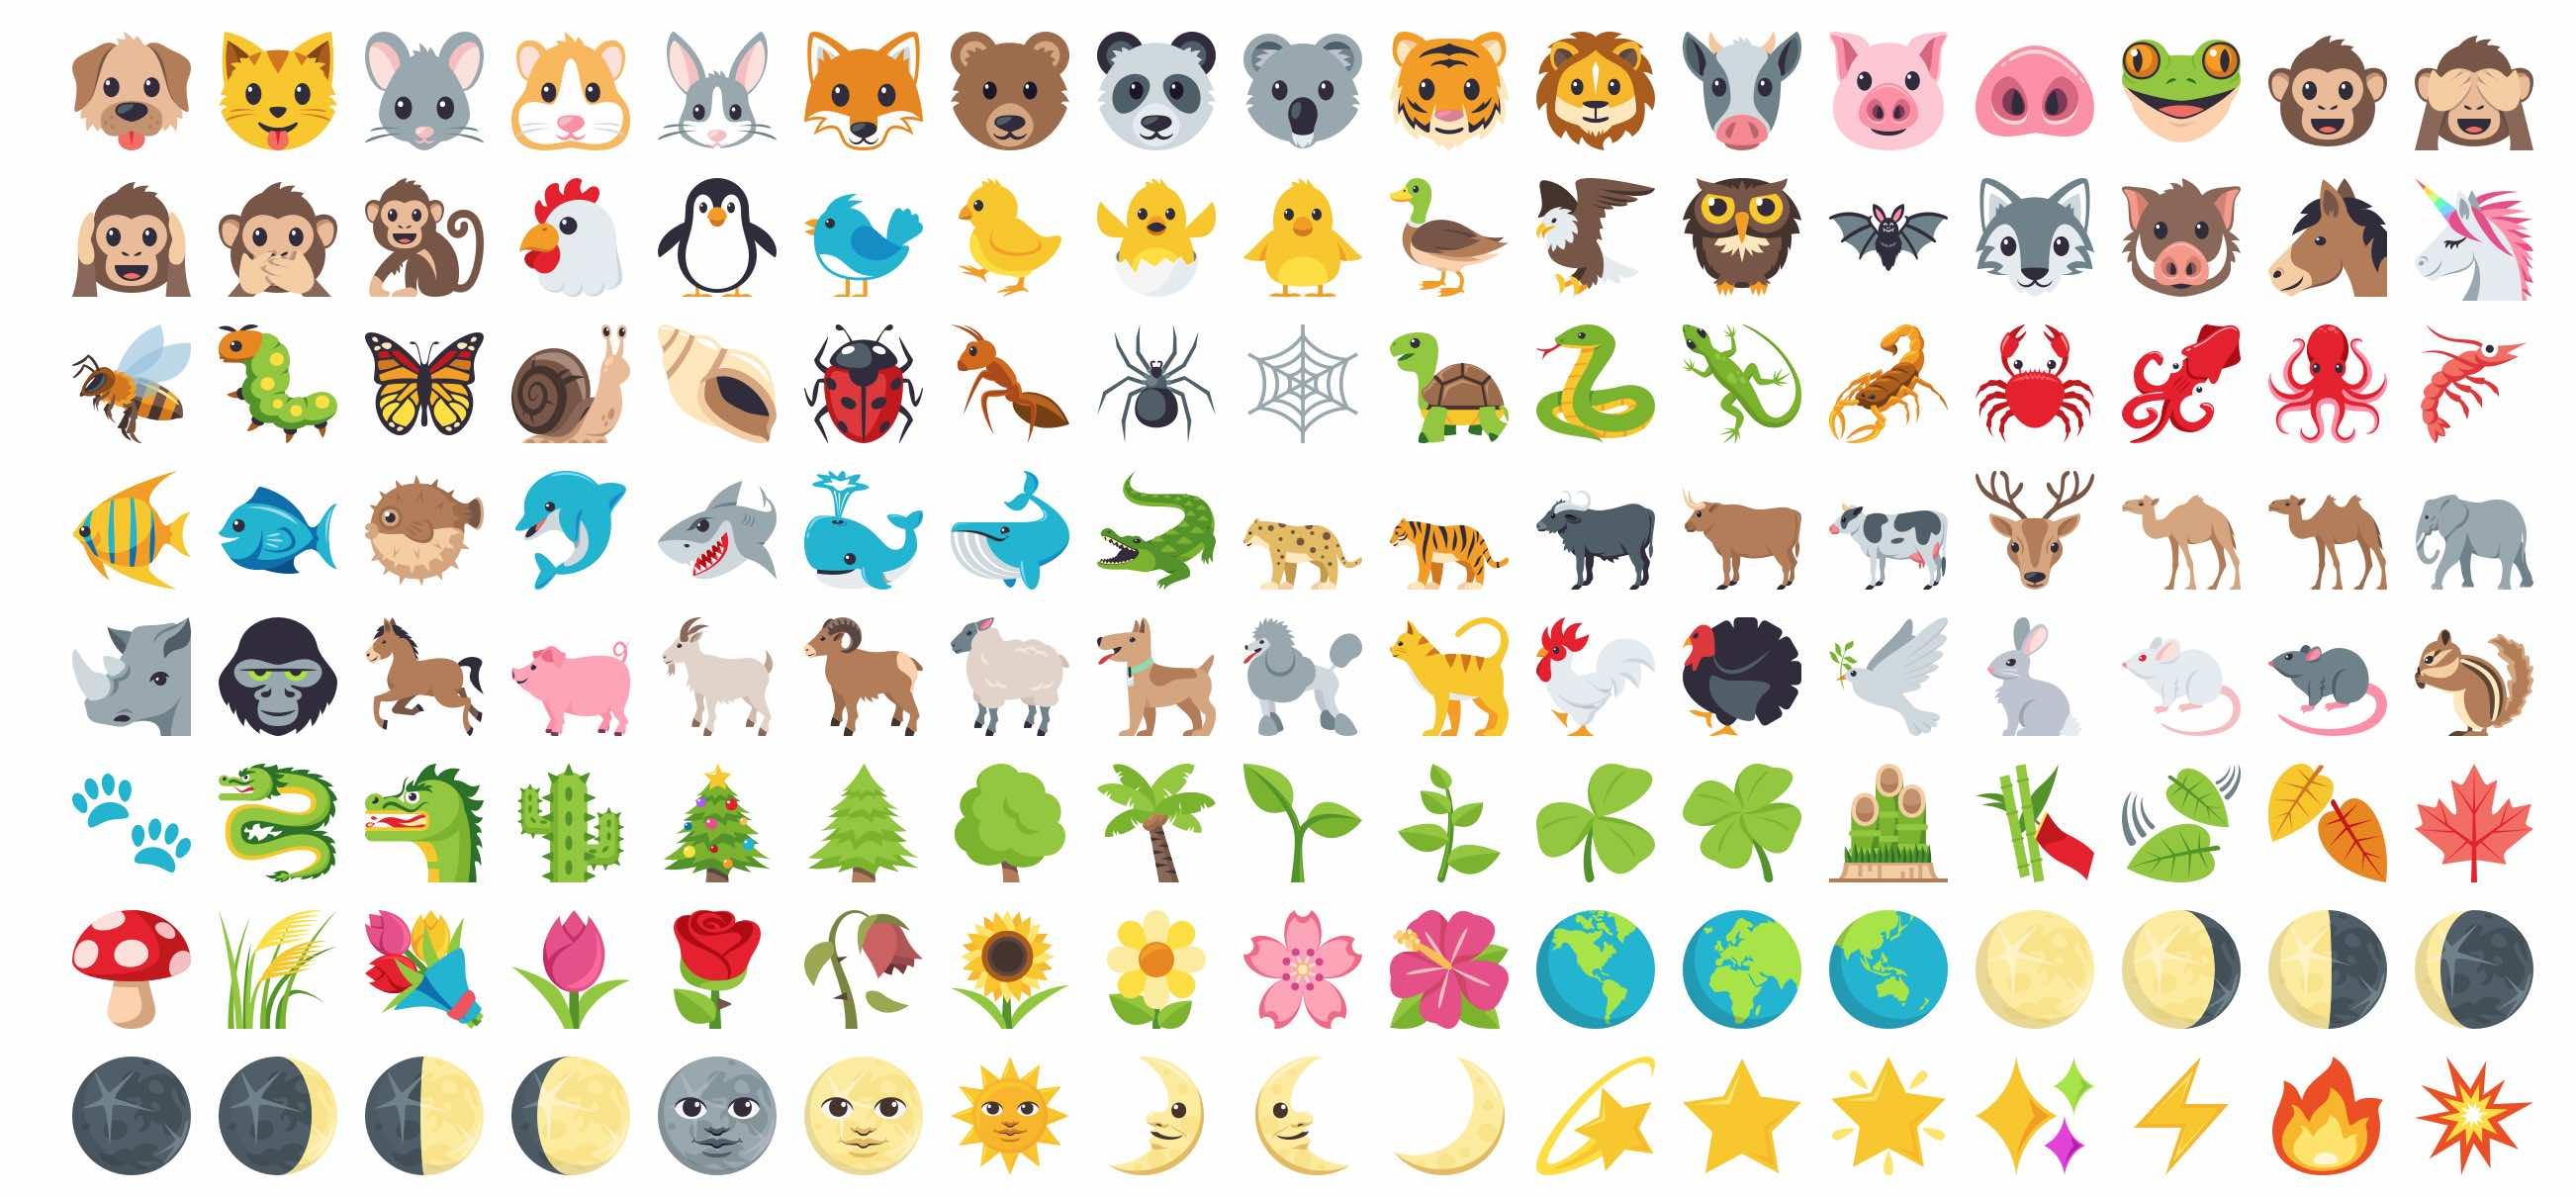 EmojiOne Goes Freemium